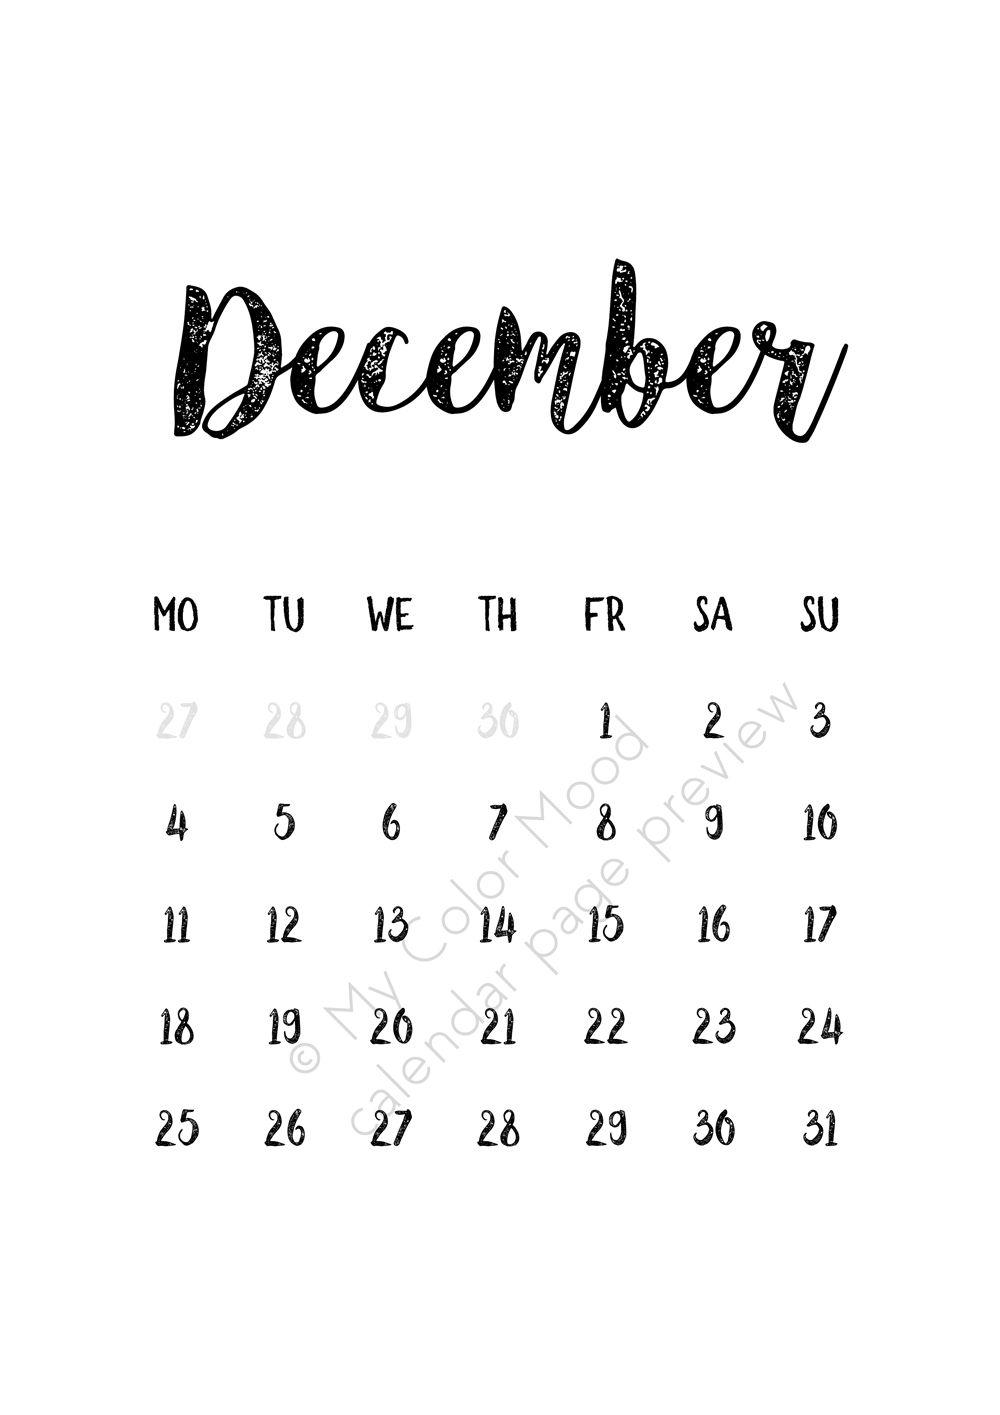 Wall calendar 2017, Digital wall calendar 2017, Monthly calendar ...